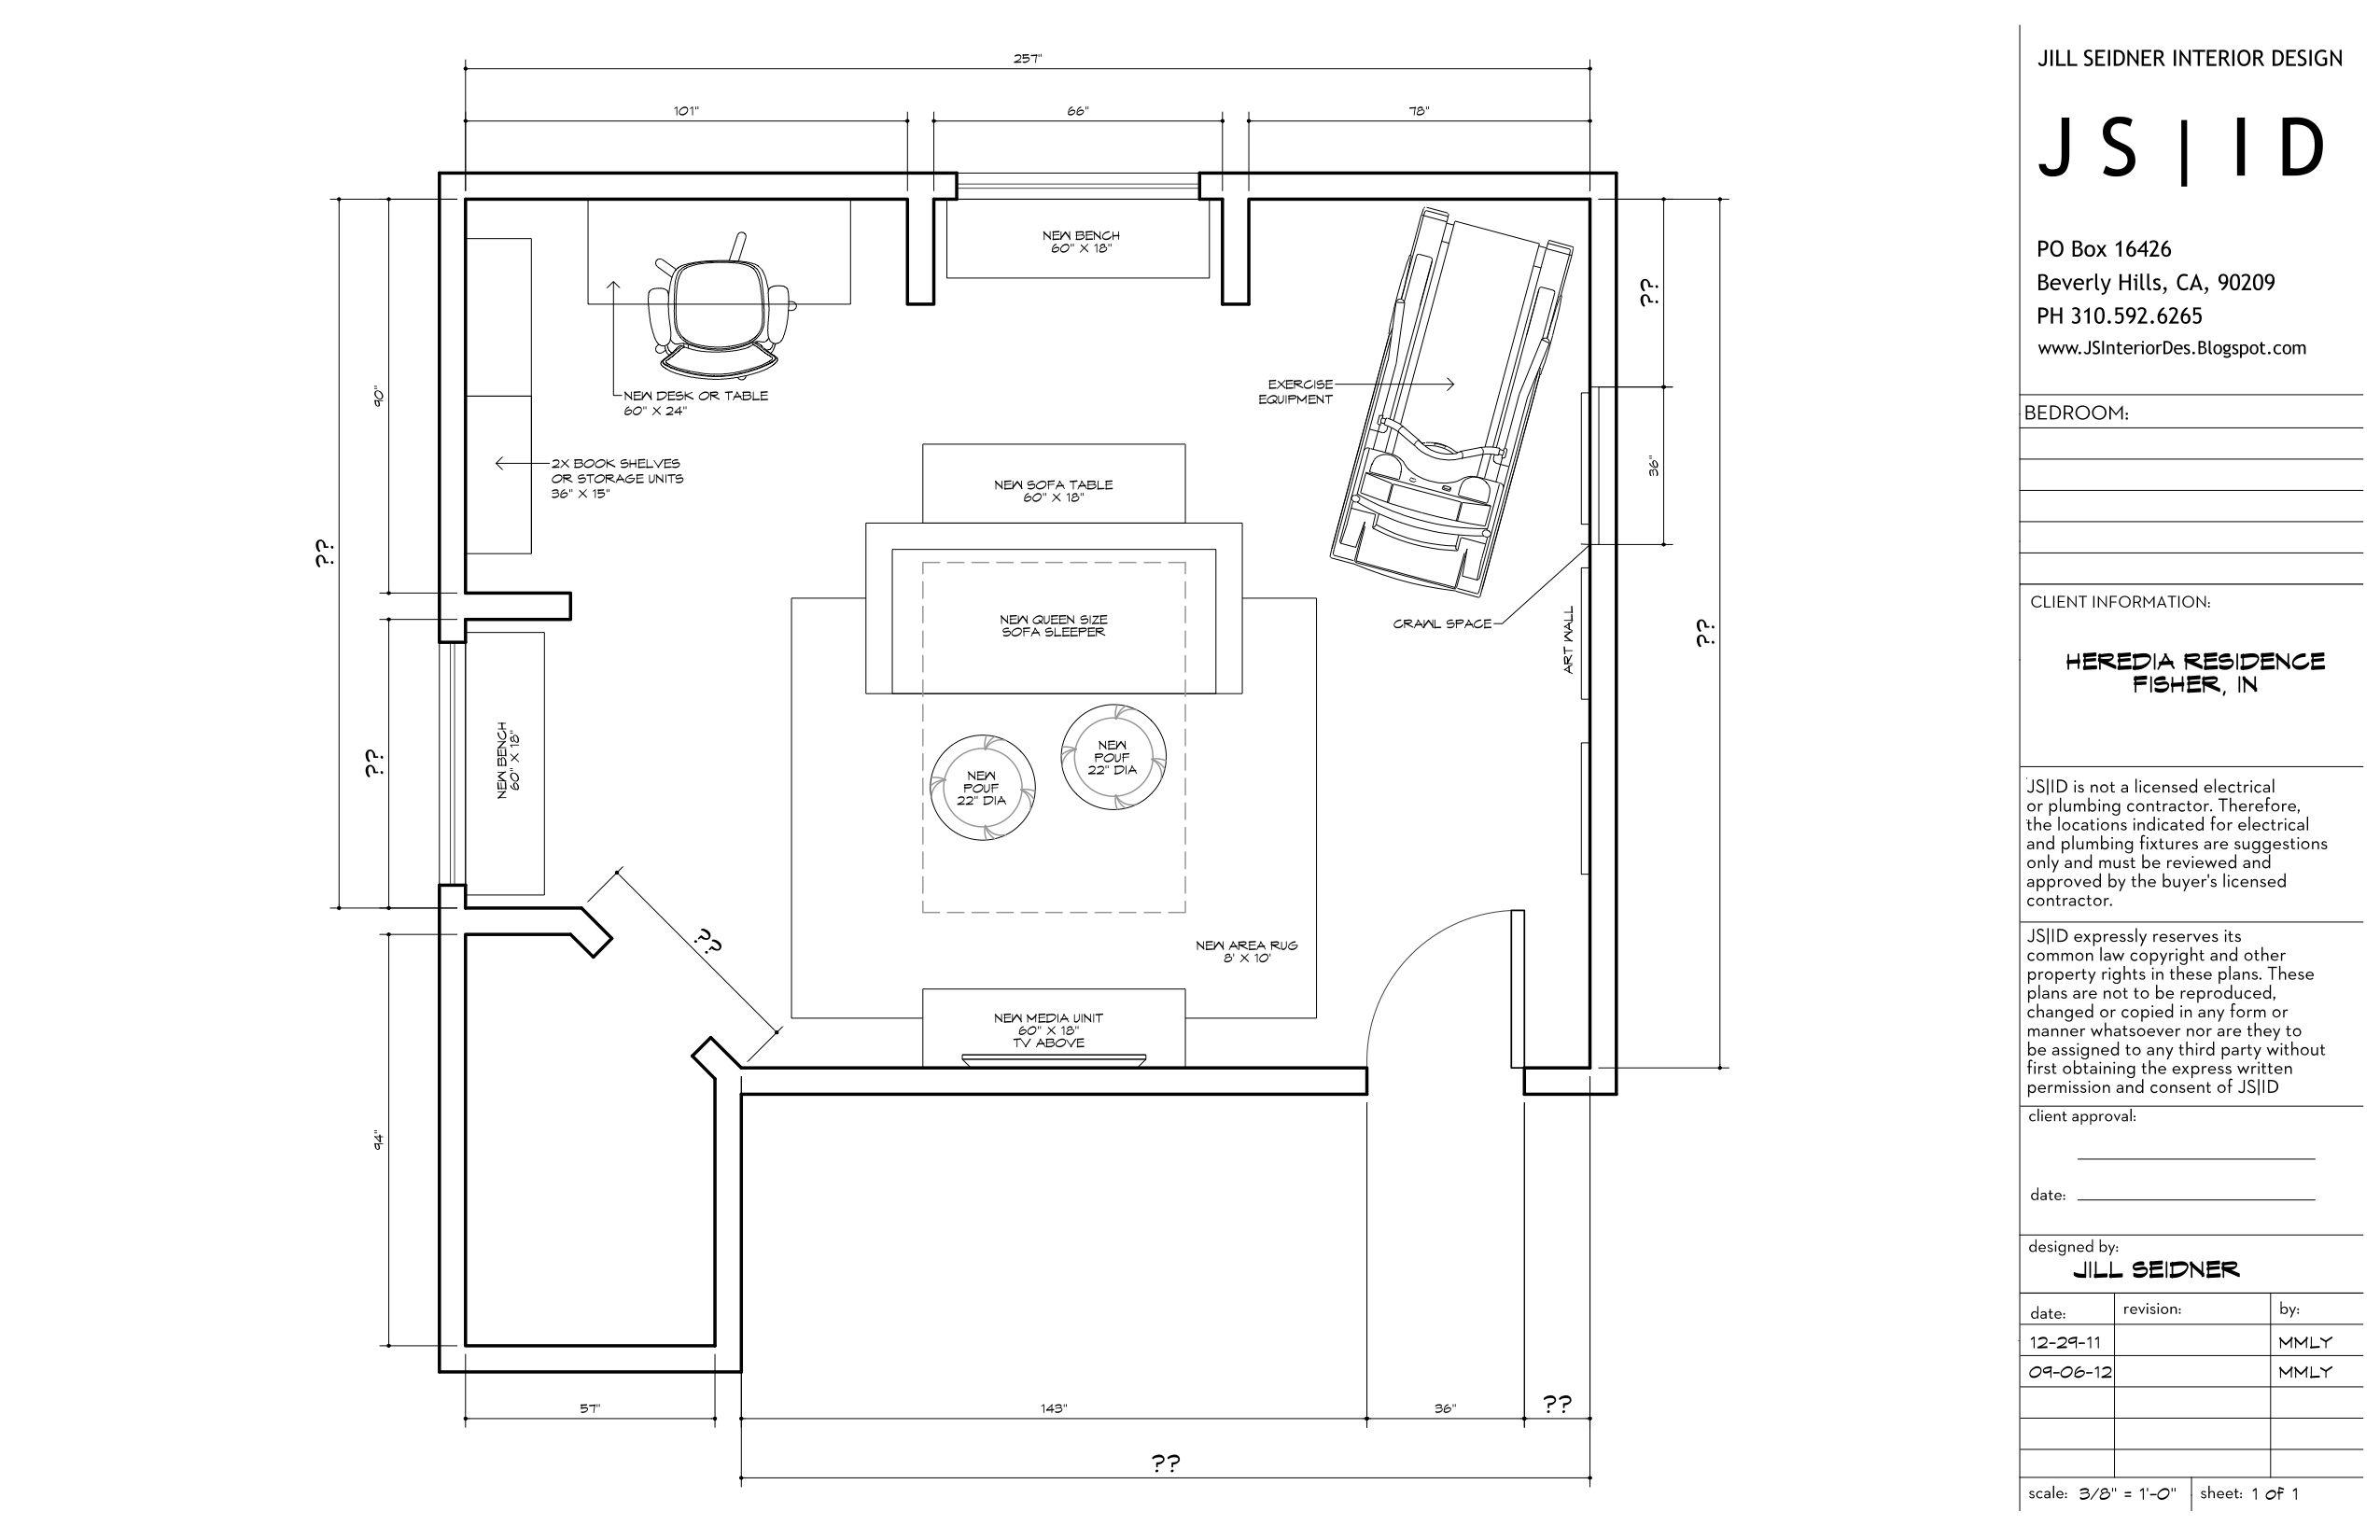 Pin on Jill Seidner Interior Design Drawings